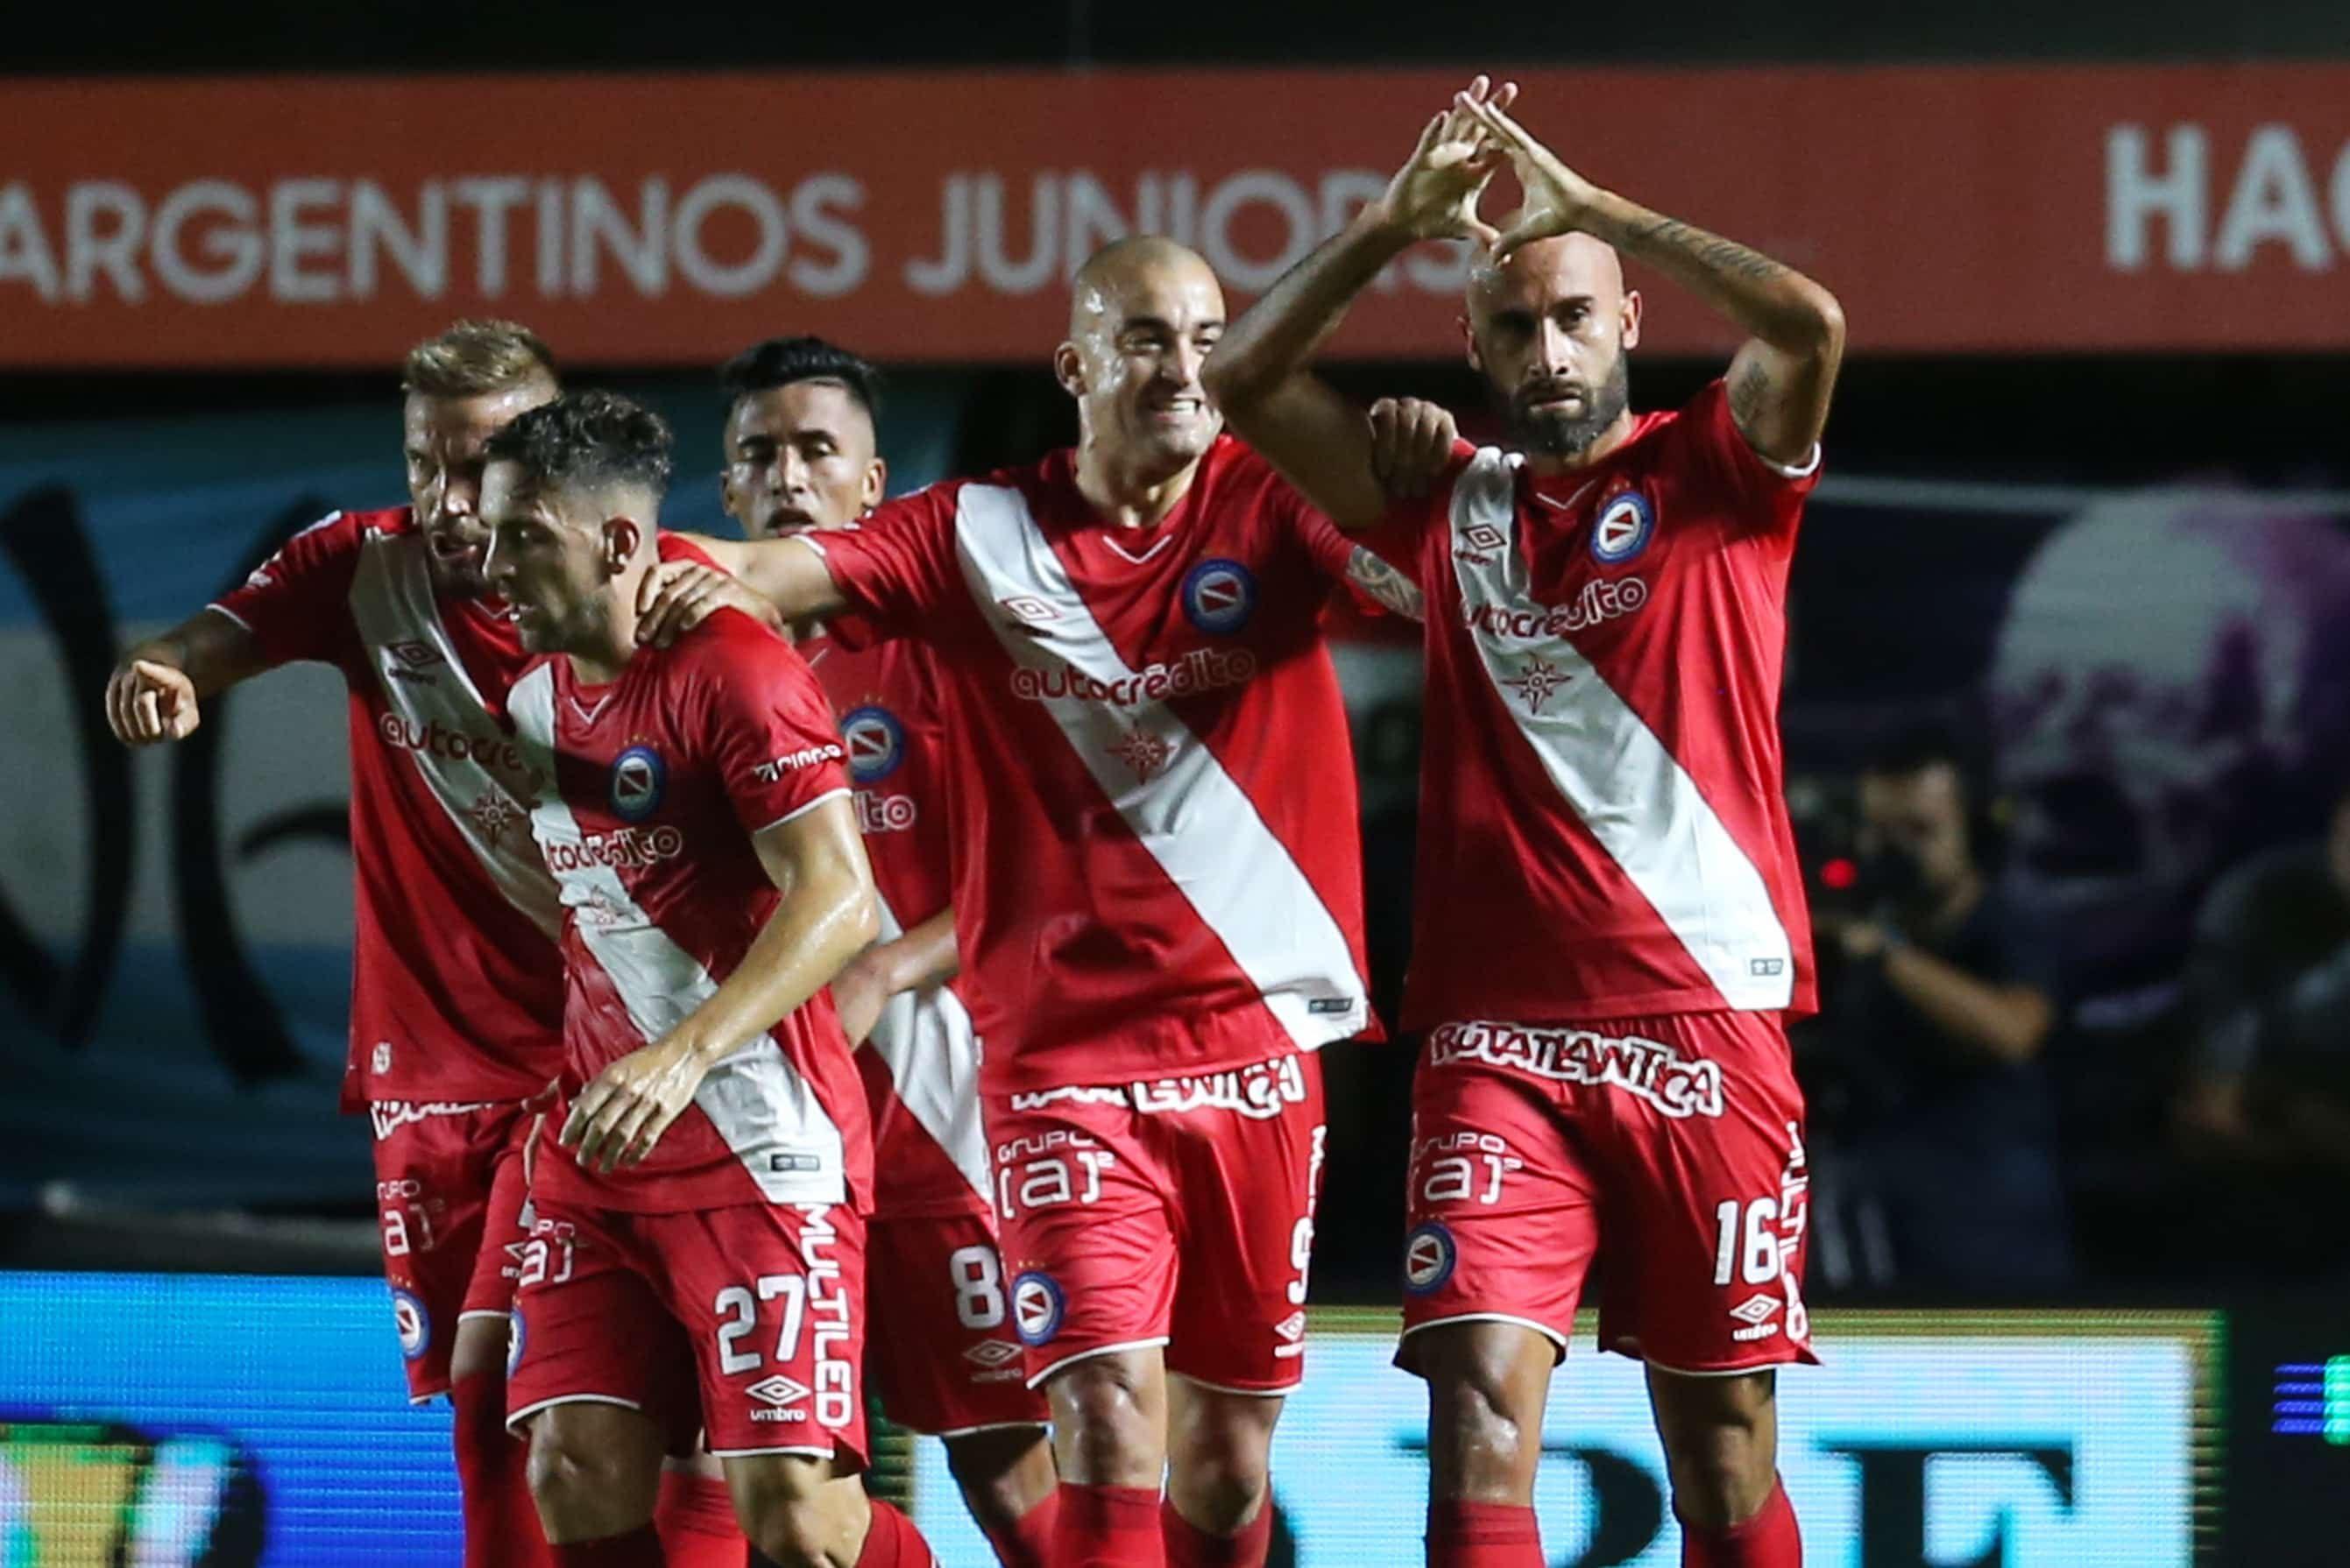 Argentinos venció a Rosario Central y se afianza en la  clasificación a la Libertadores